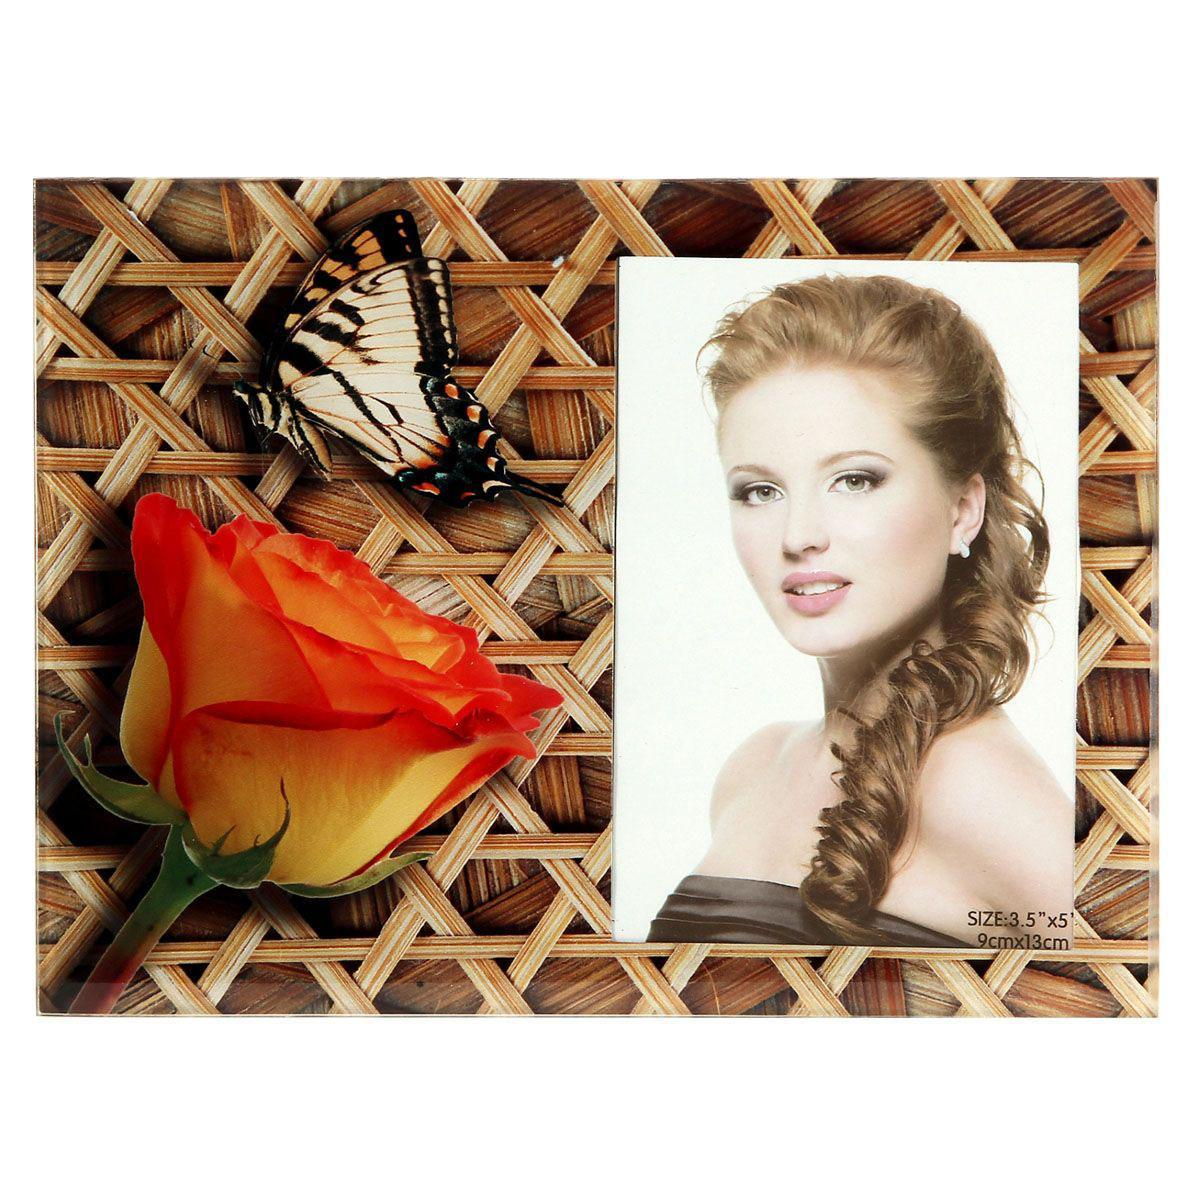 Фоторамка Sima-land Роза с бабочкой на плетенке, цвет: коричневый, 9 х 13 смTHN132NДекоративная фоторамка Sima-land Роза с бабочкой на плетенке выполнена из стекла и декорирована изображениями розы и бабочки. Обратная сторона рамки оснащена специальной ножкой, благодаря которой ее можно поставить на стол или любое другое место в доме или офисе. Такая фоторамка украсит ваш интерьер оригинальным образом, а также позволит сохранить память о дорогих вам людях и интересных событиях вашей жизни. С ней вы сможете не просто внести в интерьер своего дома элемент оригинальности, но и создать атмосферу загадочности и изысканности.